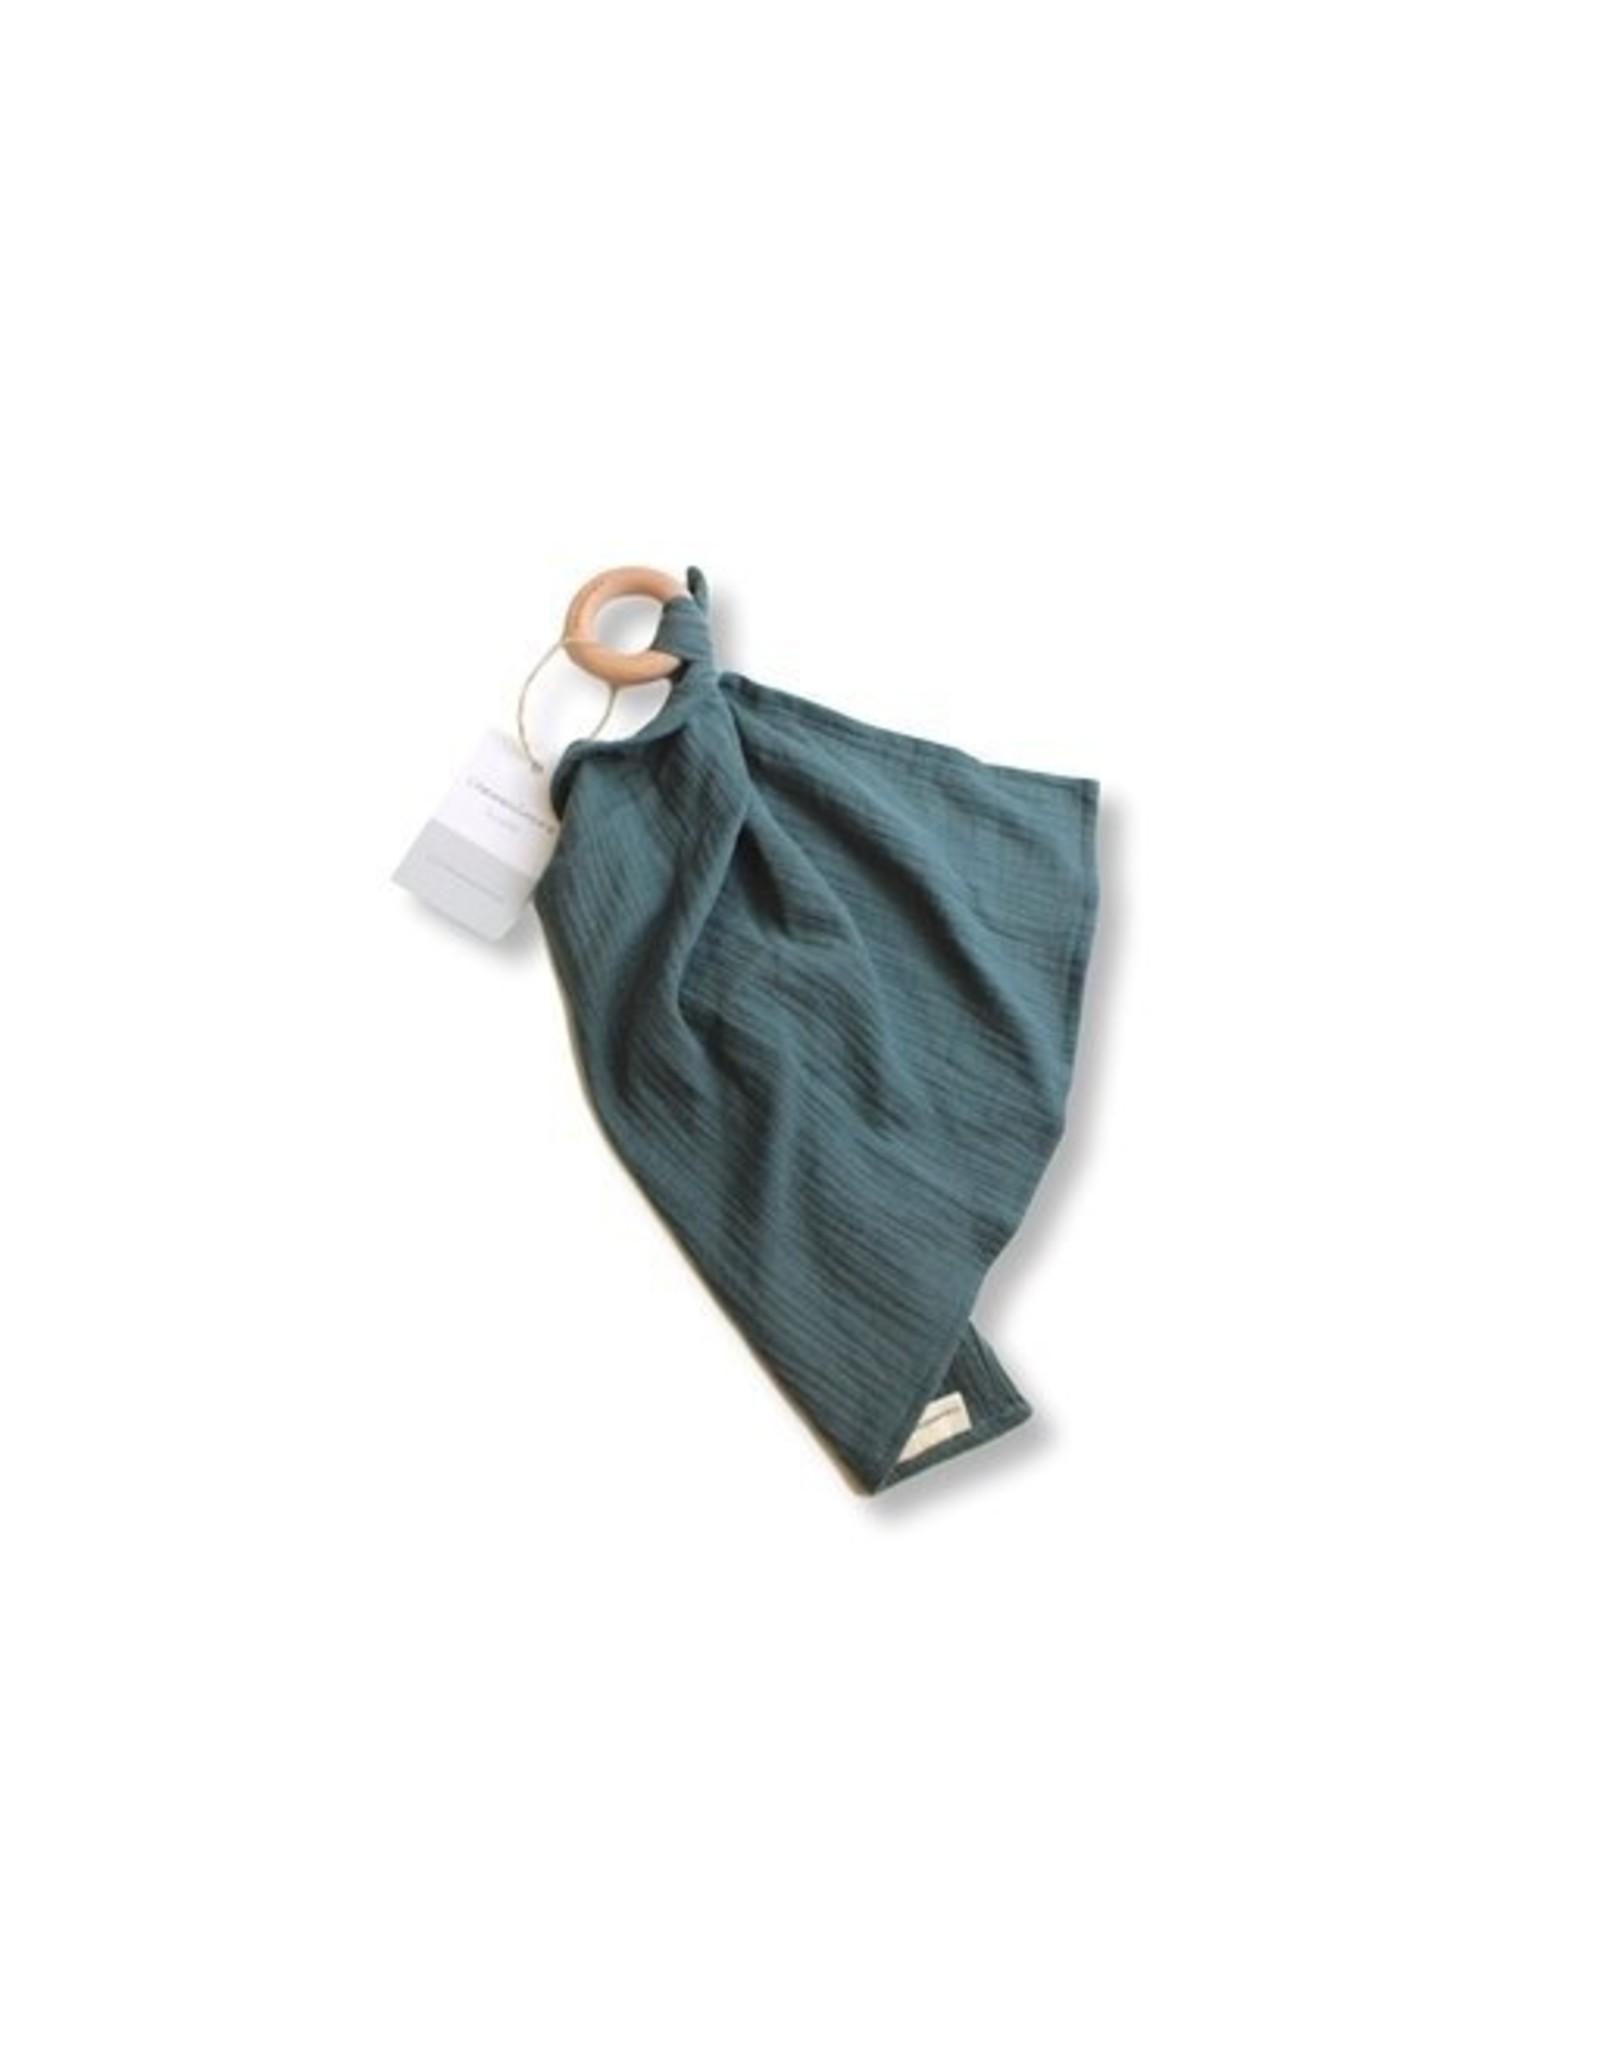 Chewies&more Chewie Doek donker vergrijsd groen